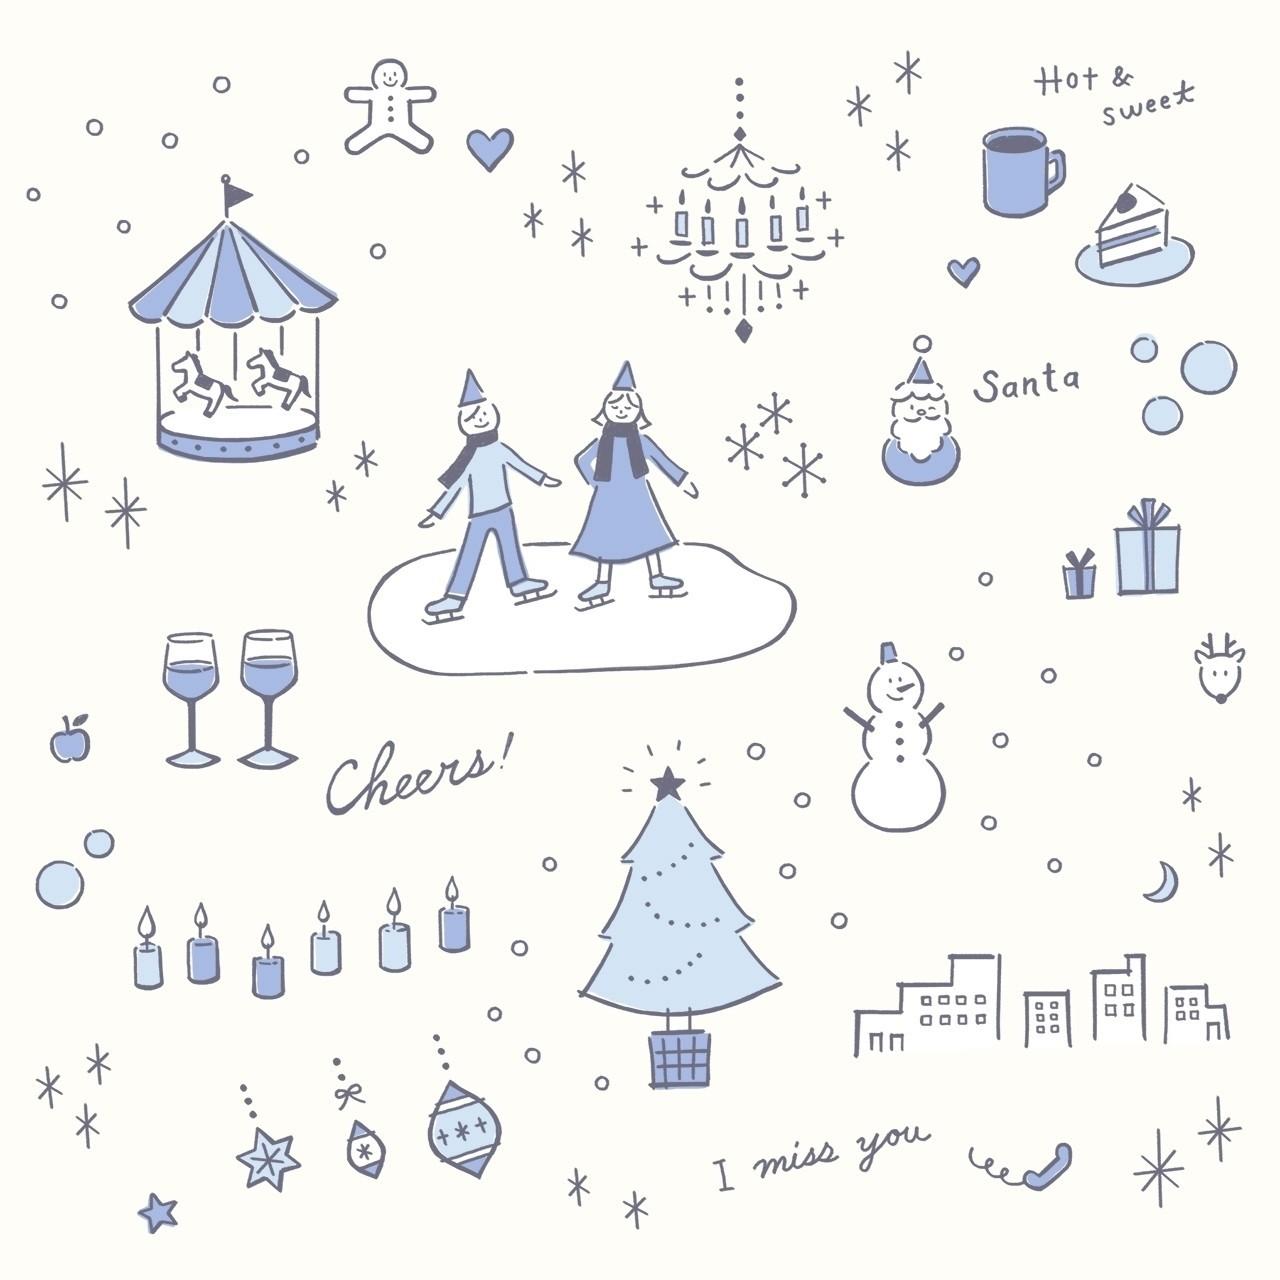 冬のしずかな空気のなかでキラキラとかがやく世界。。クリスマスシーズンは、いくつになっても、わくわくします(^^) ホワイトチョコレートやスノーボールクッキーが恋しくなる近頃。